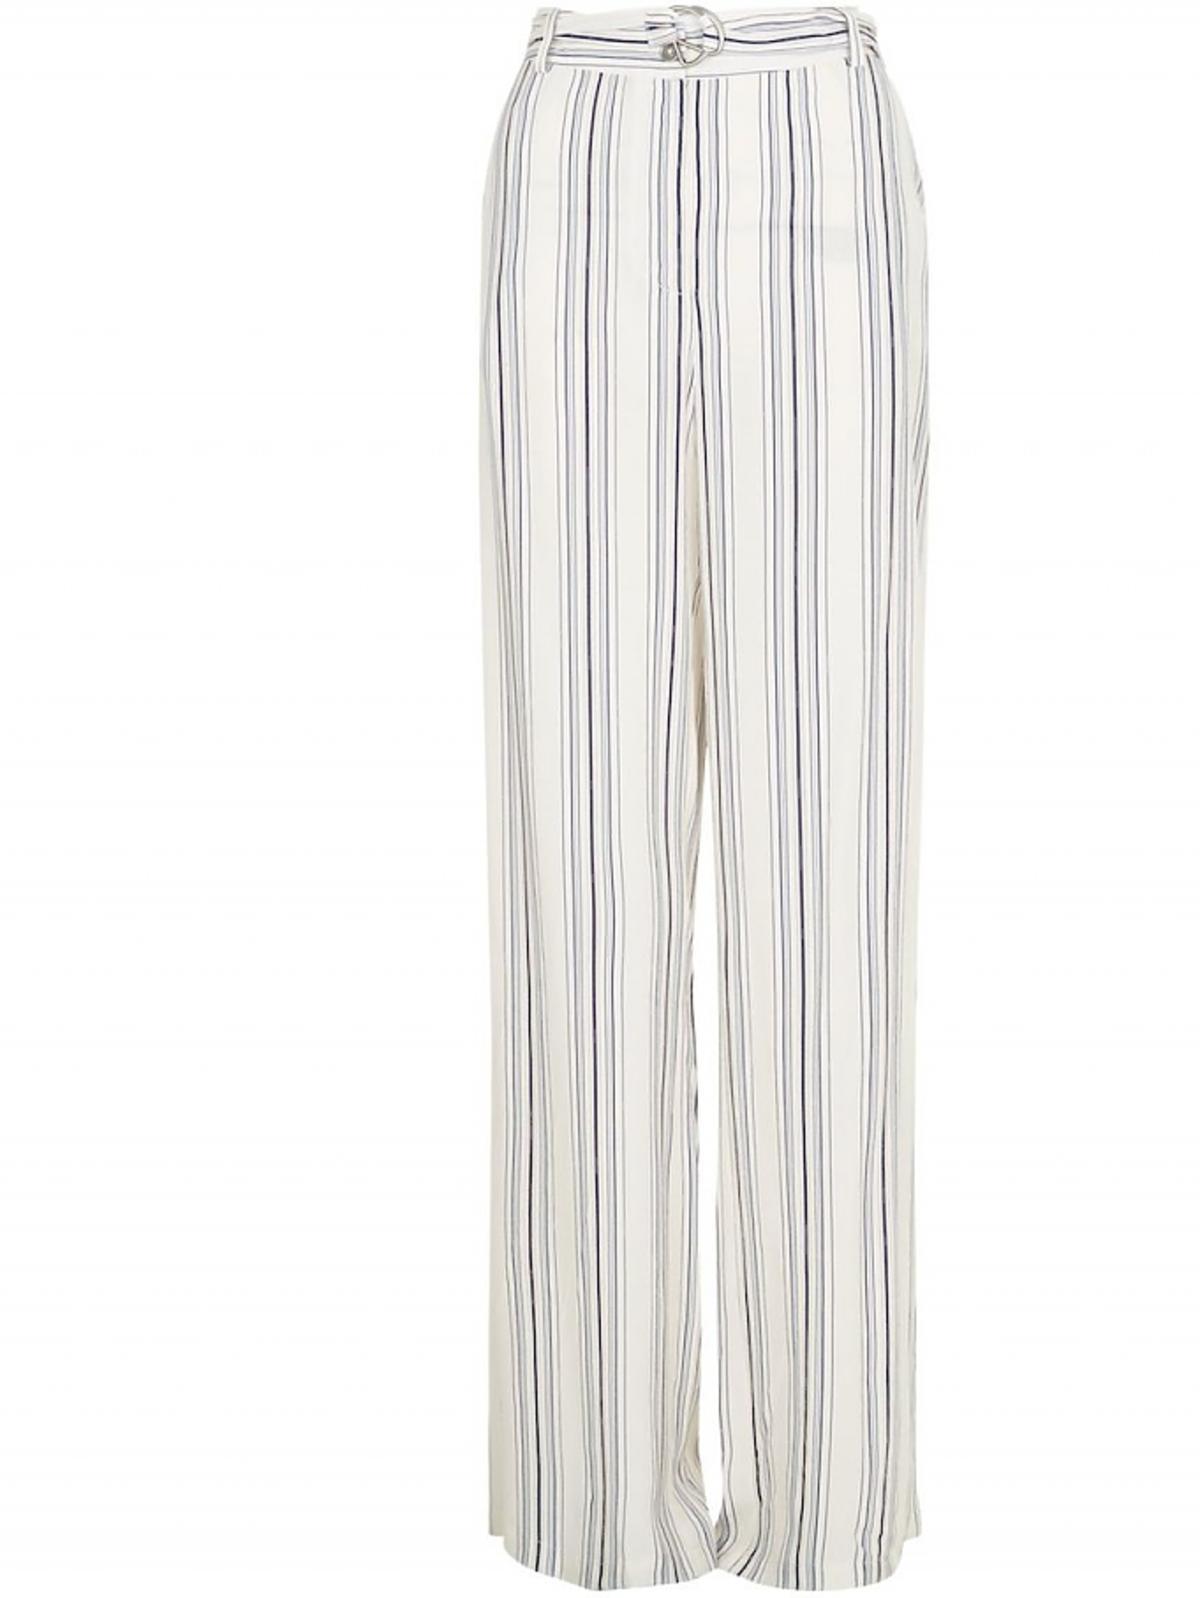 Spodnie w czarni-białe paski